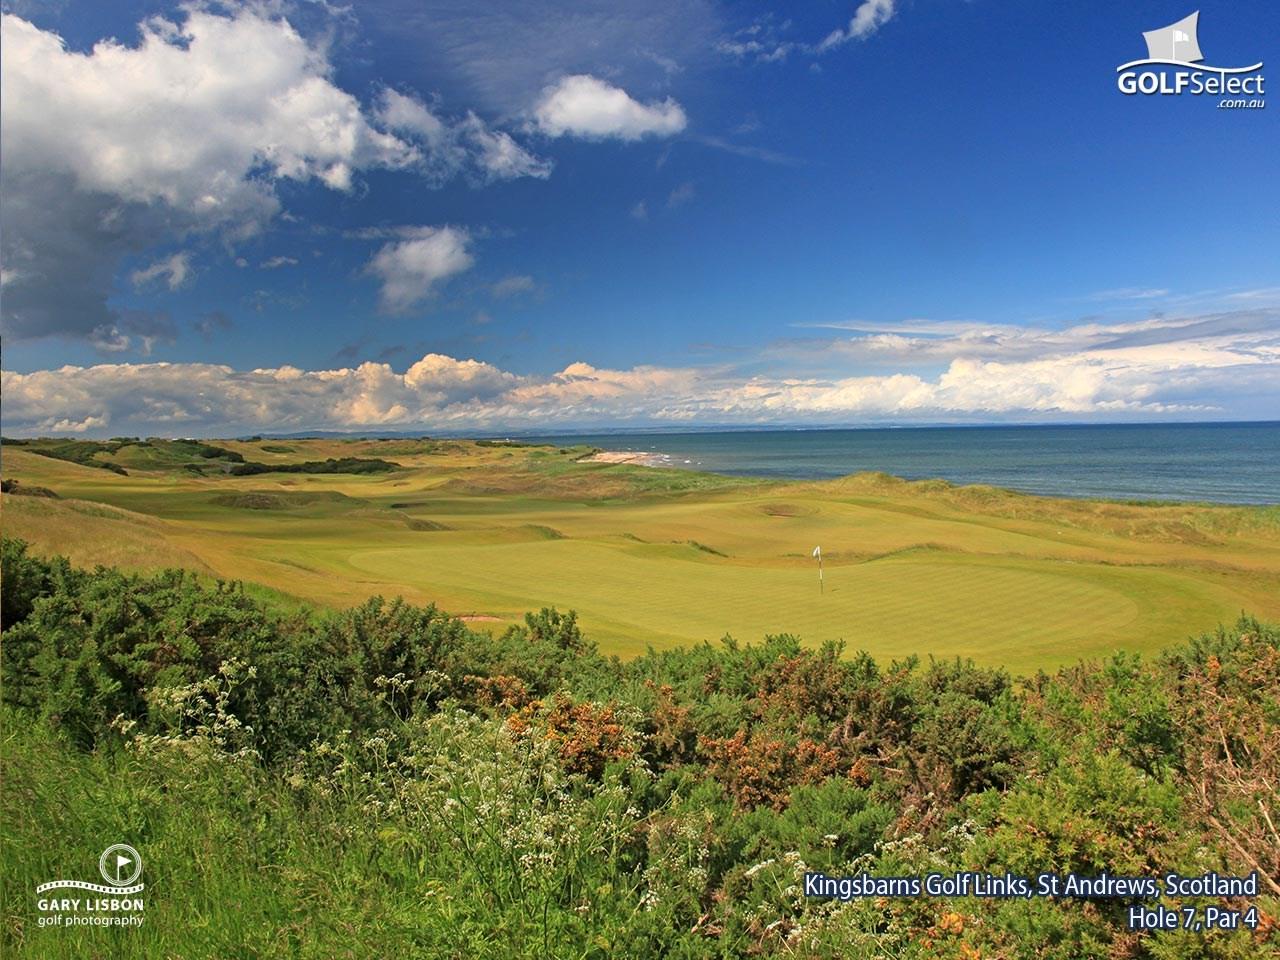 Kingsbarns Golf Links, Kingsbarns, St Andrews, Fife